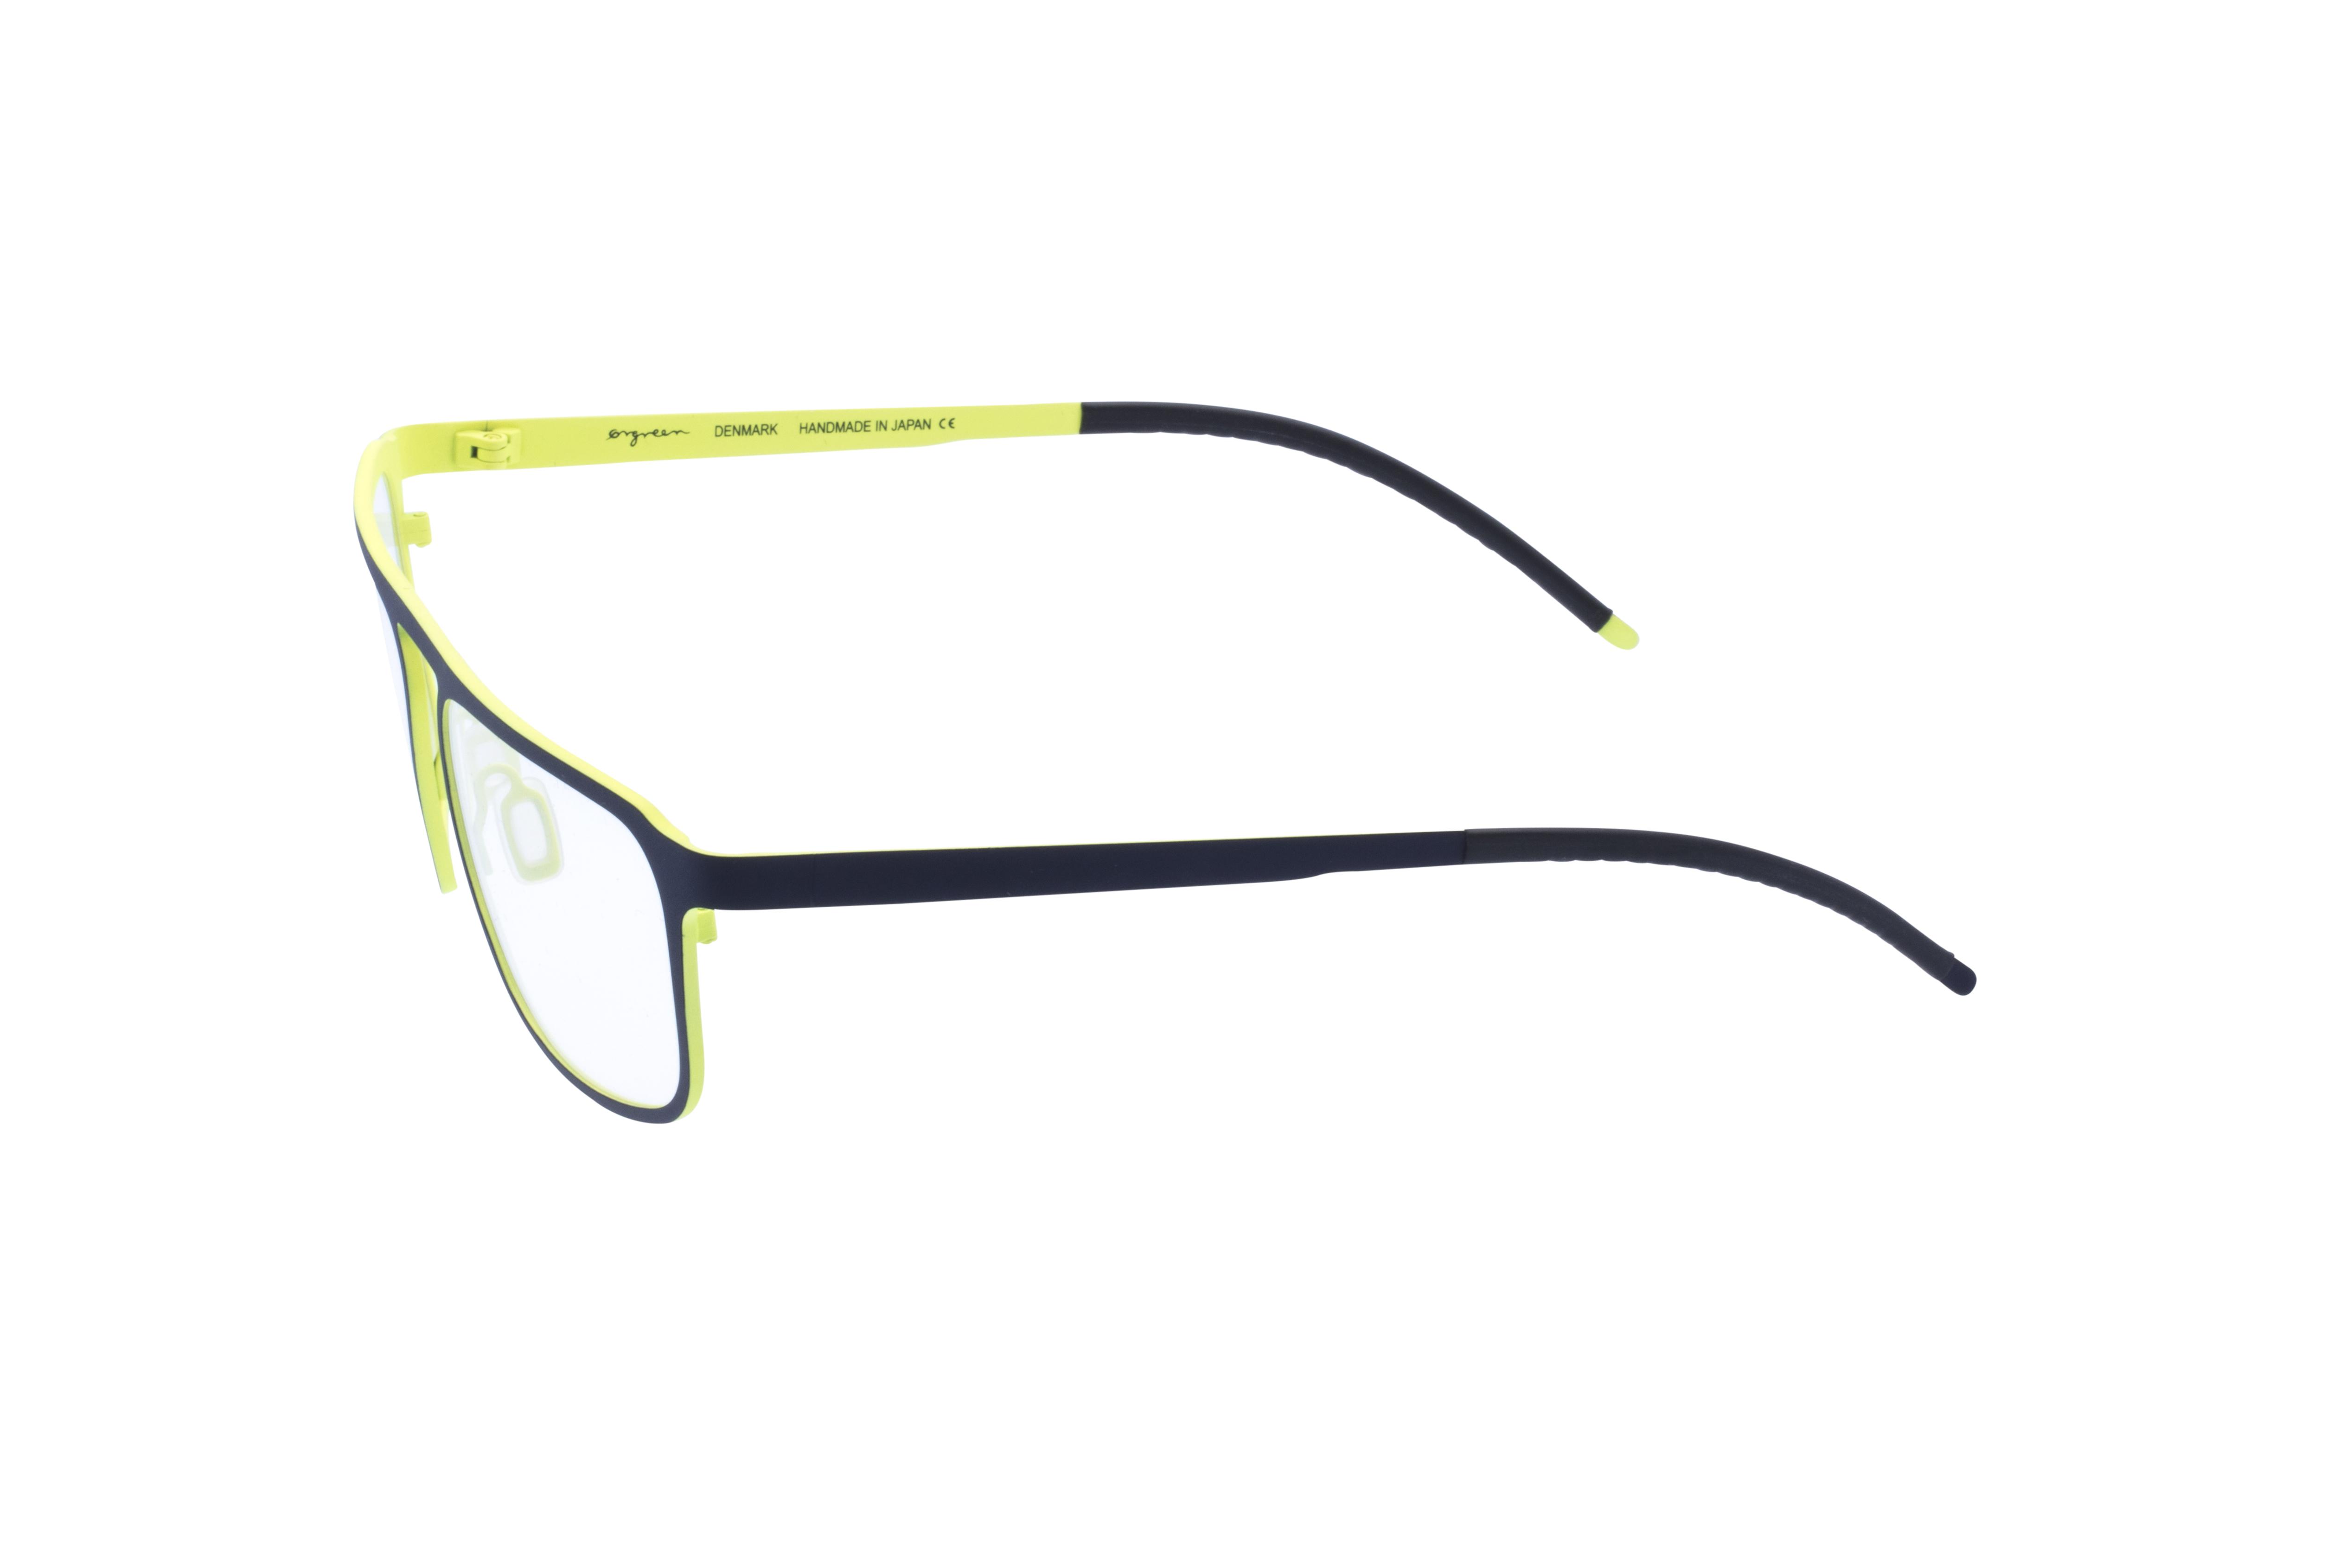 360 Grad Ansicht 19 Orgreen Crow, Brille auf Weiß - Fassung bei KUNK